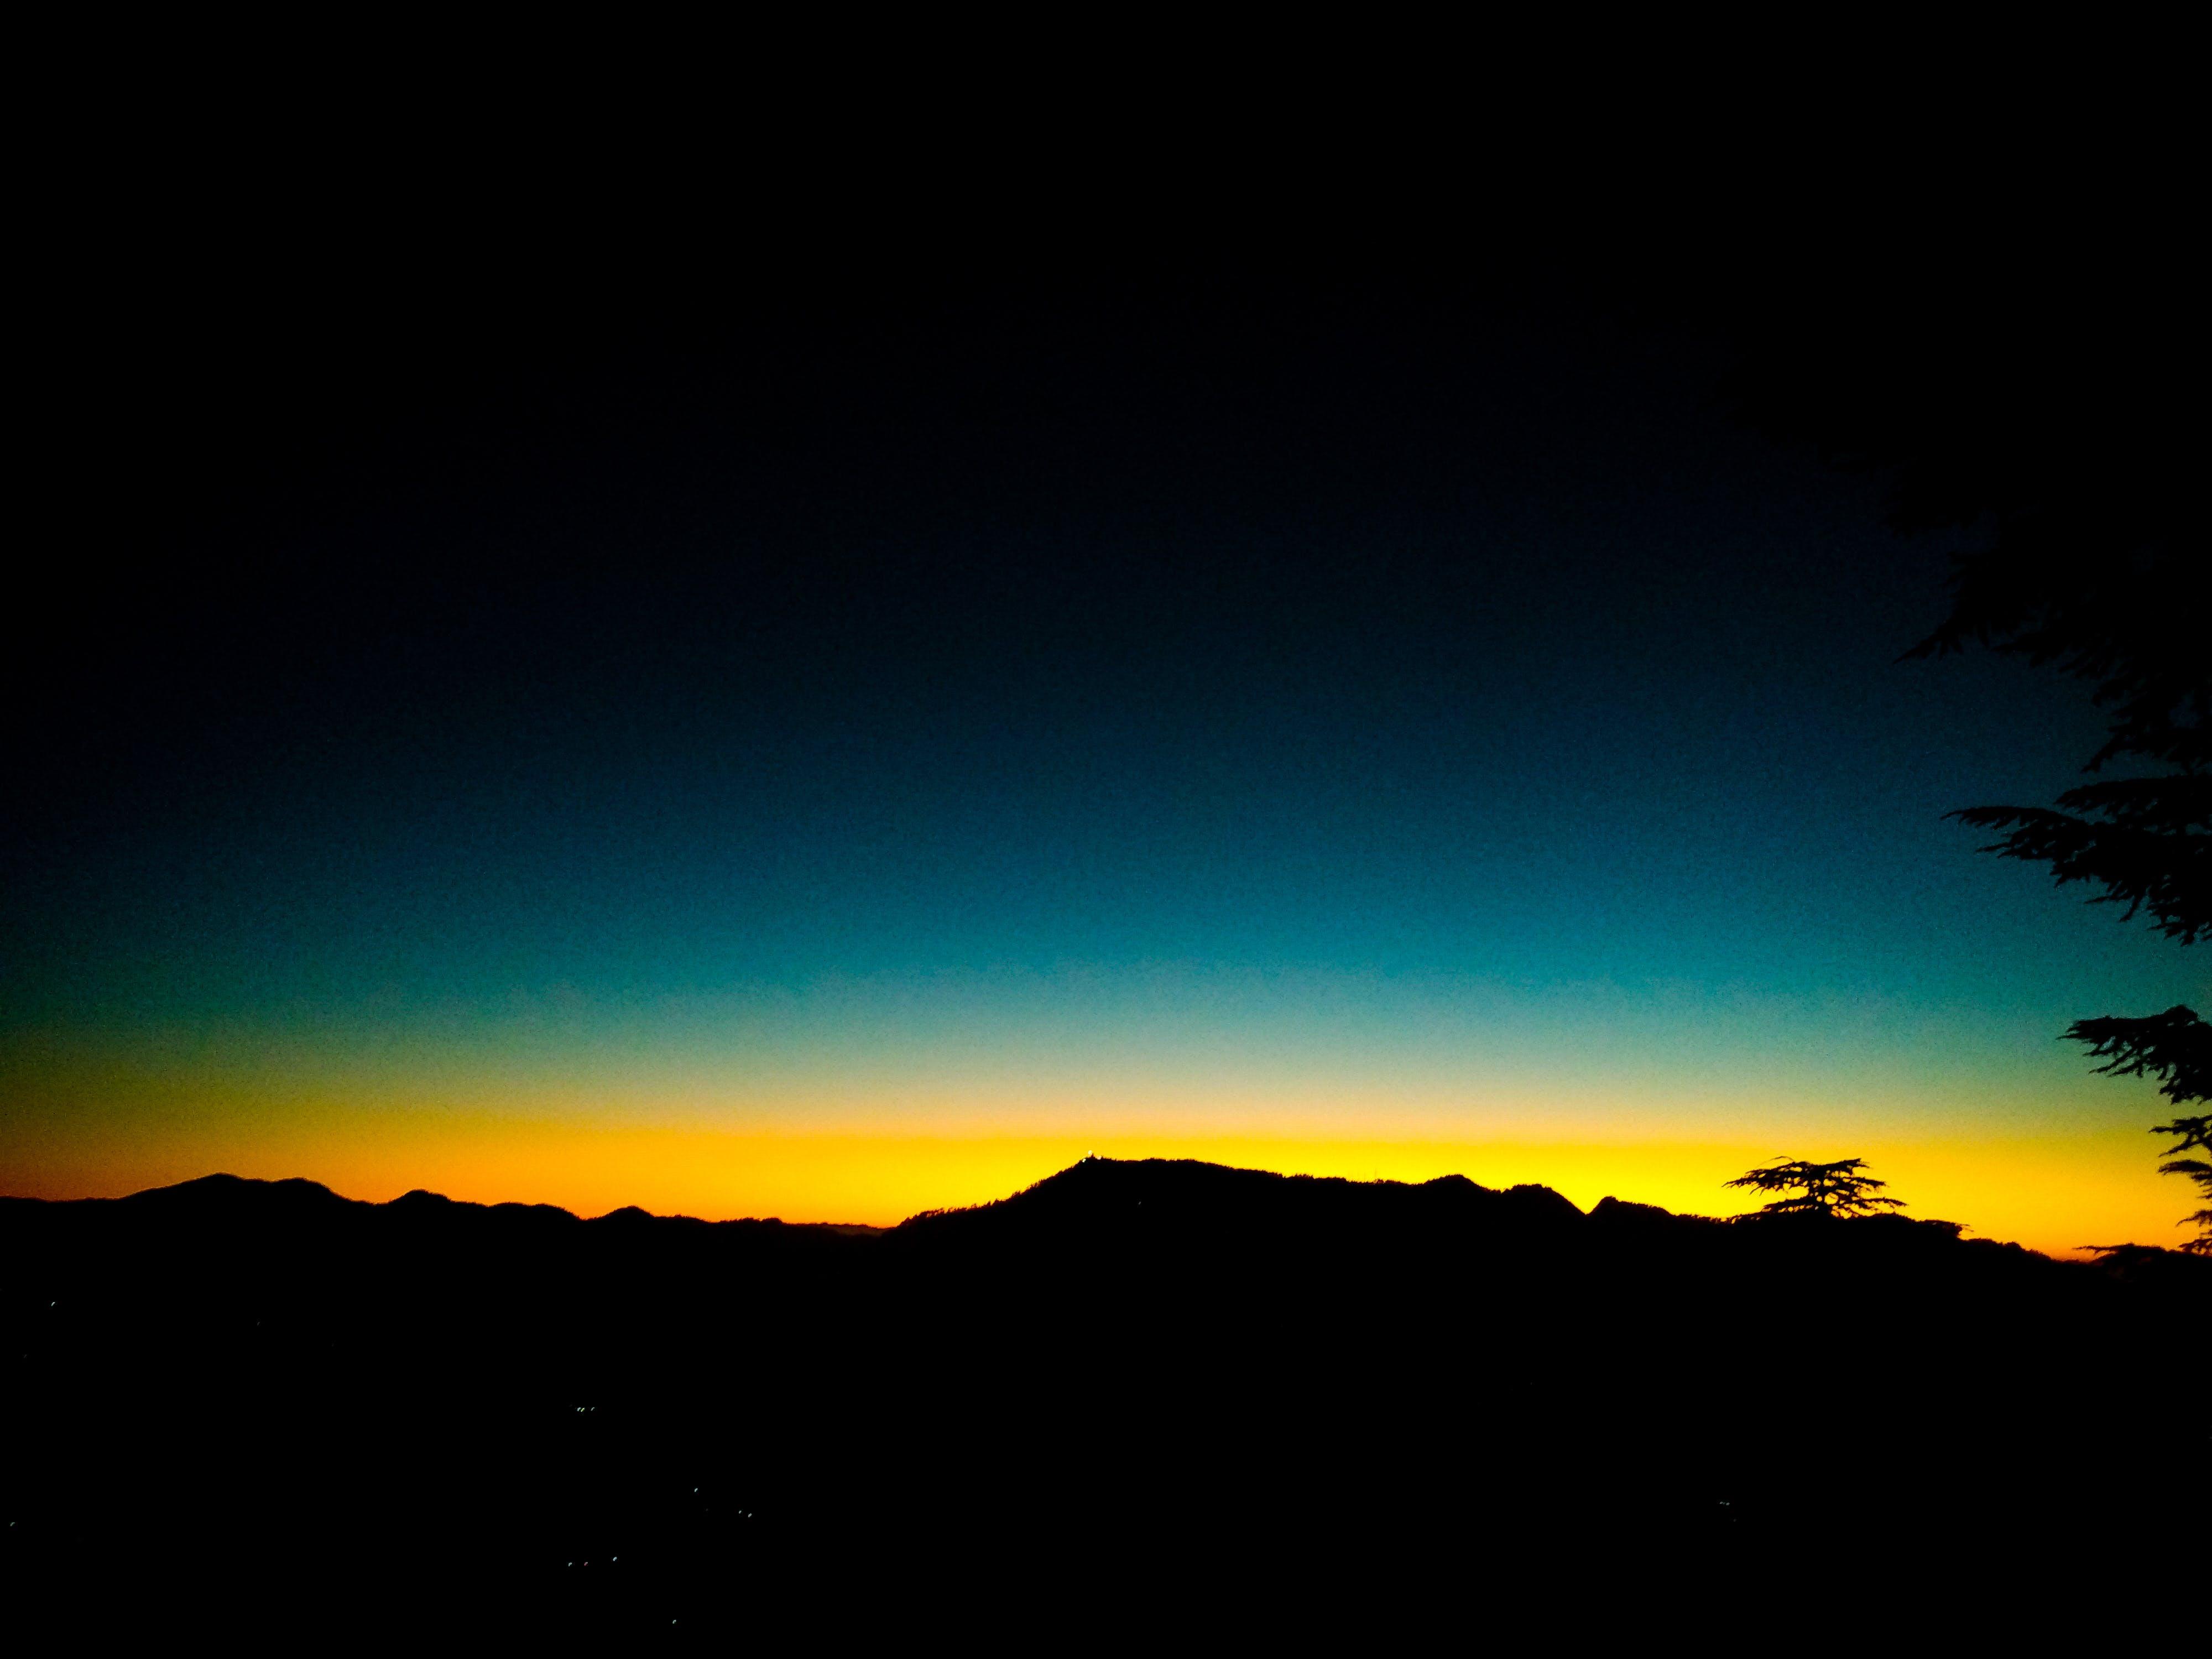 선셋 비치, 언덕, 일몰, 자연 배경의 무료 스톡 사진